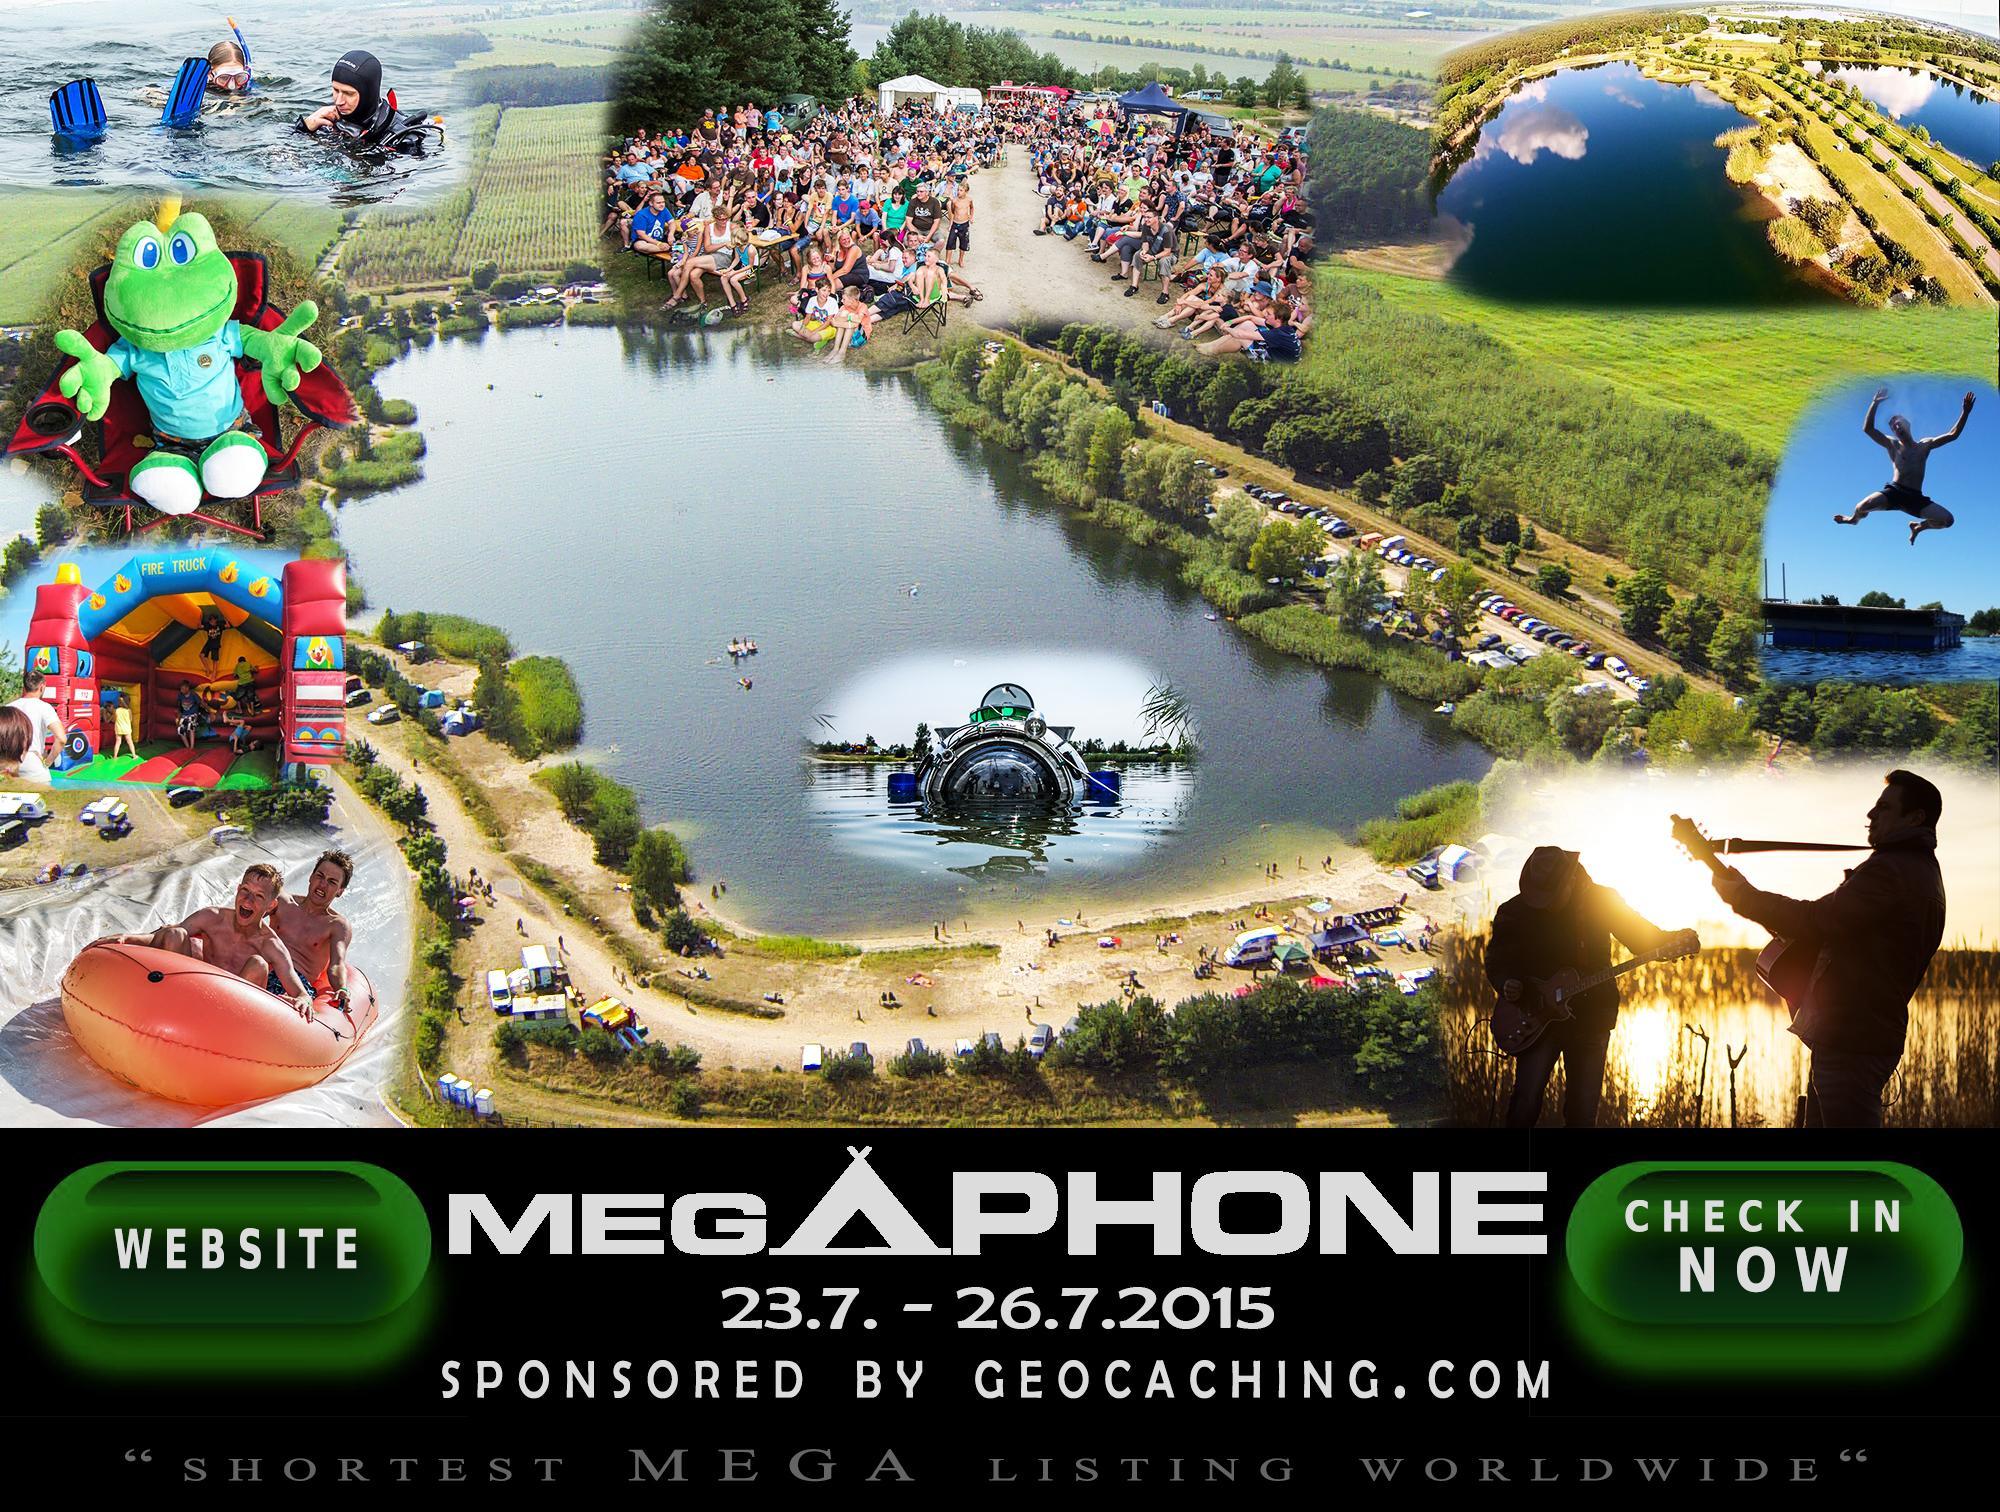 mega-phone.de